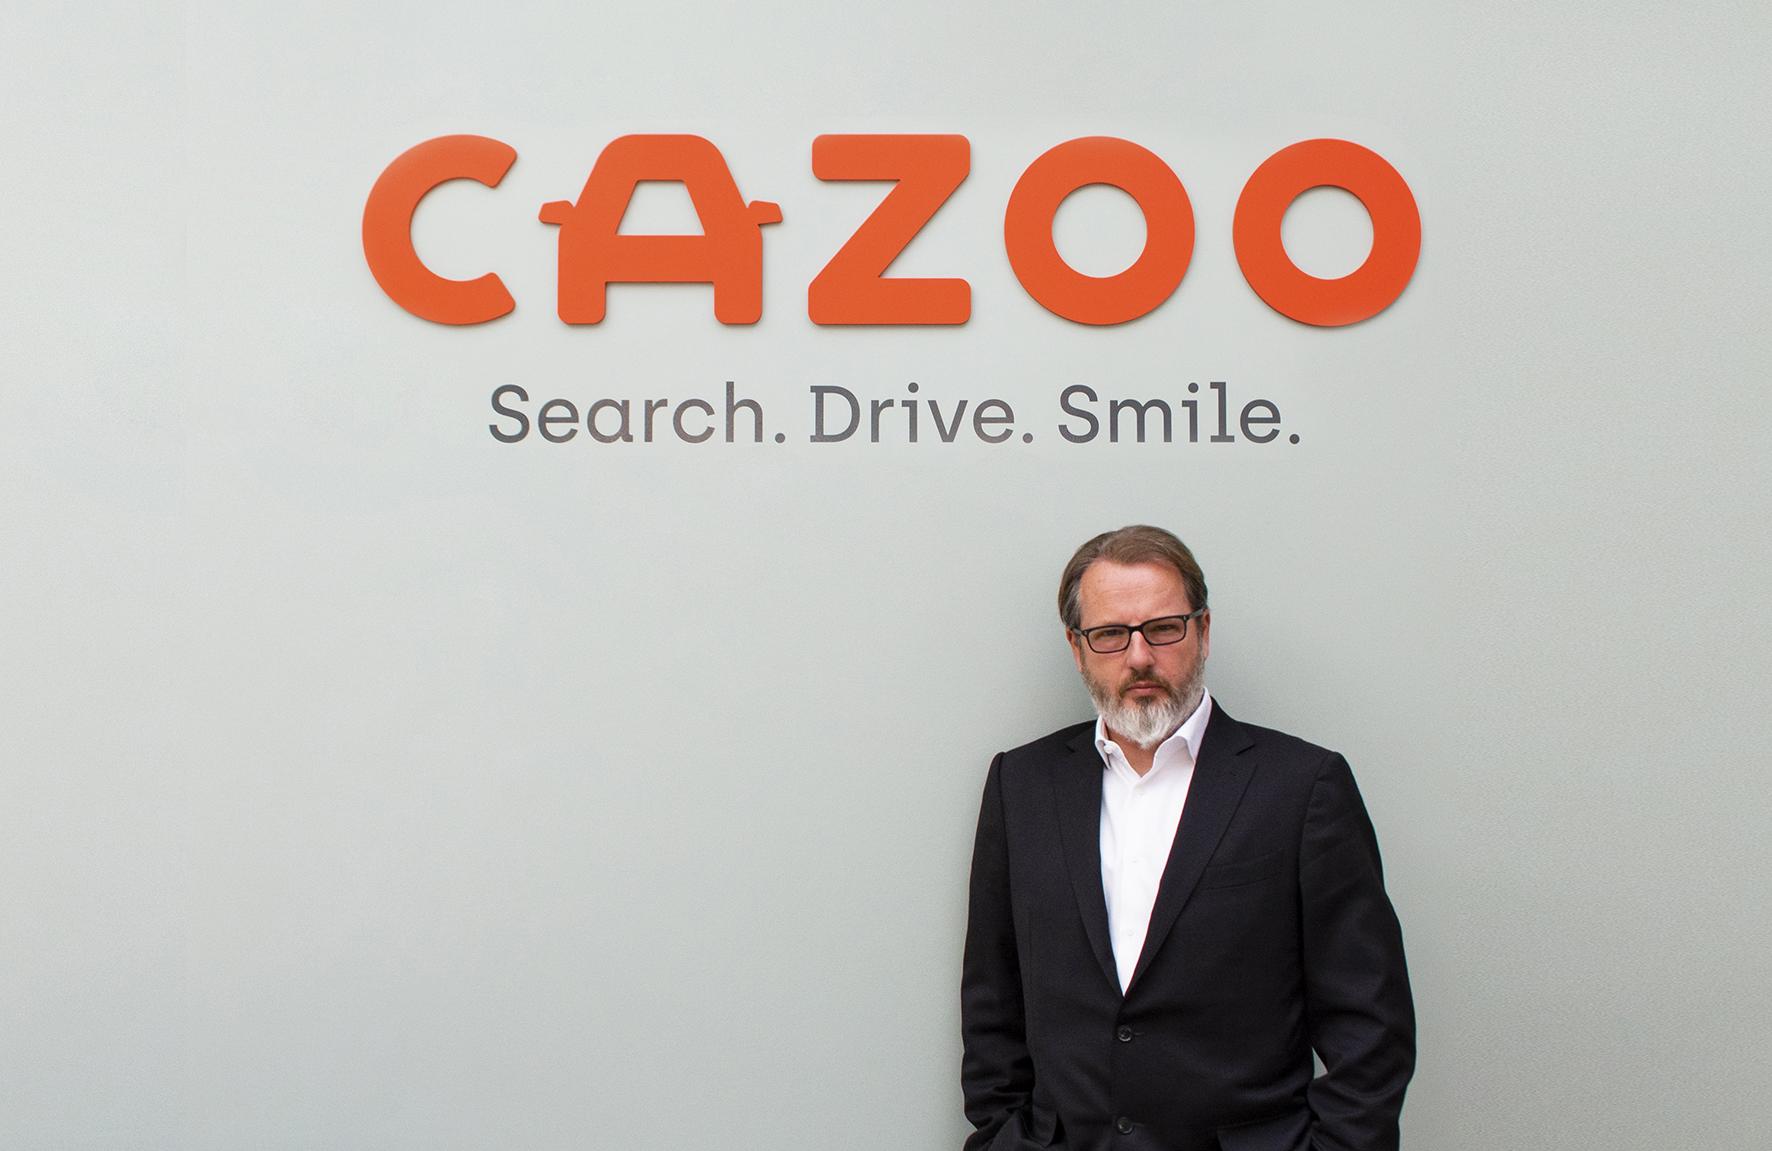 Alex-Chesterman-OBE-Founder-CEO-Cazoo